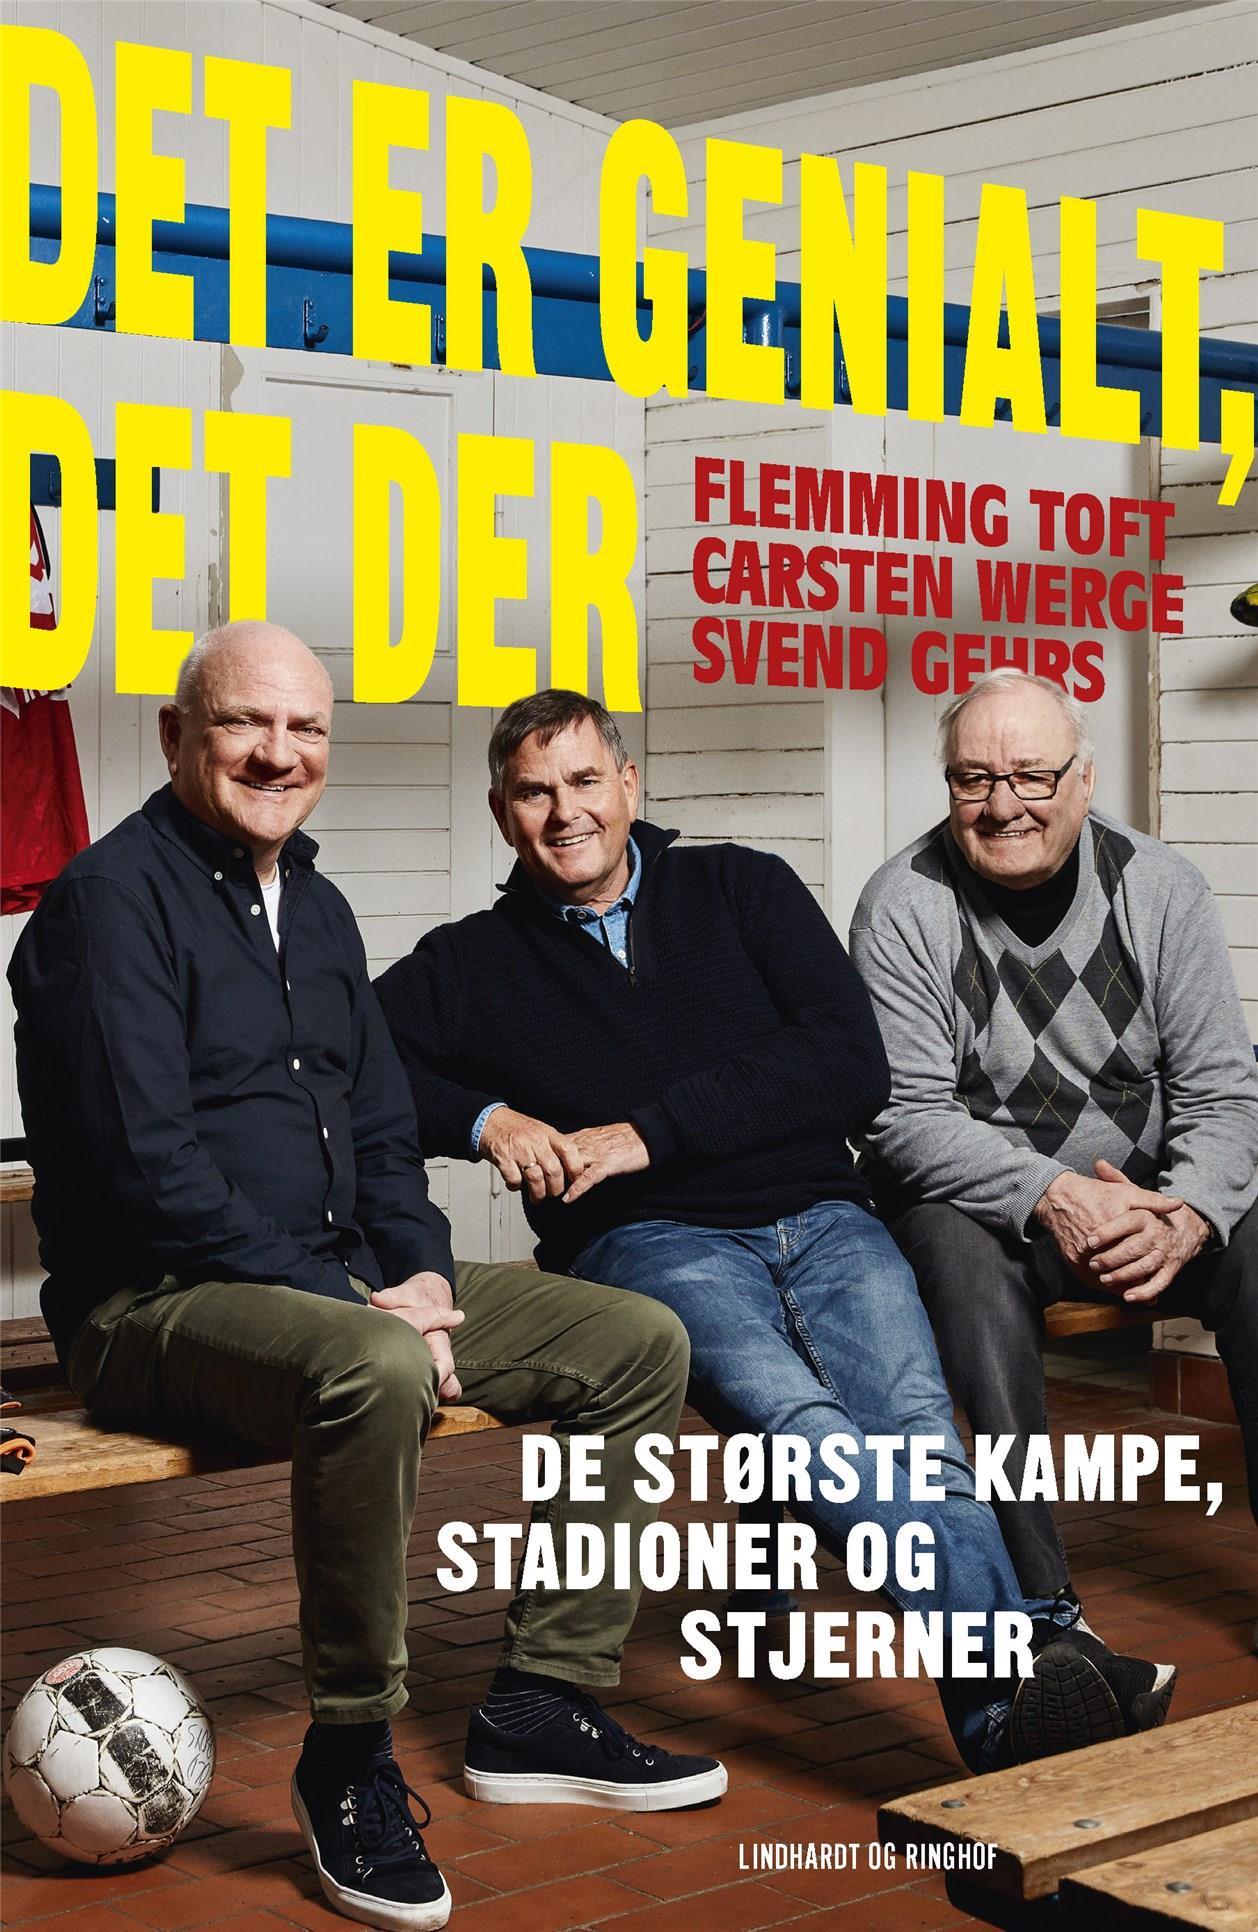 Det er genialt, det der - Carsten Werge; Flemming Toft; Svend Gehrs - Bøger - Lindhardt og Ringhof - 9788711983133 - 3/6-2020